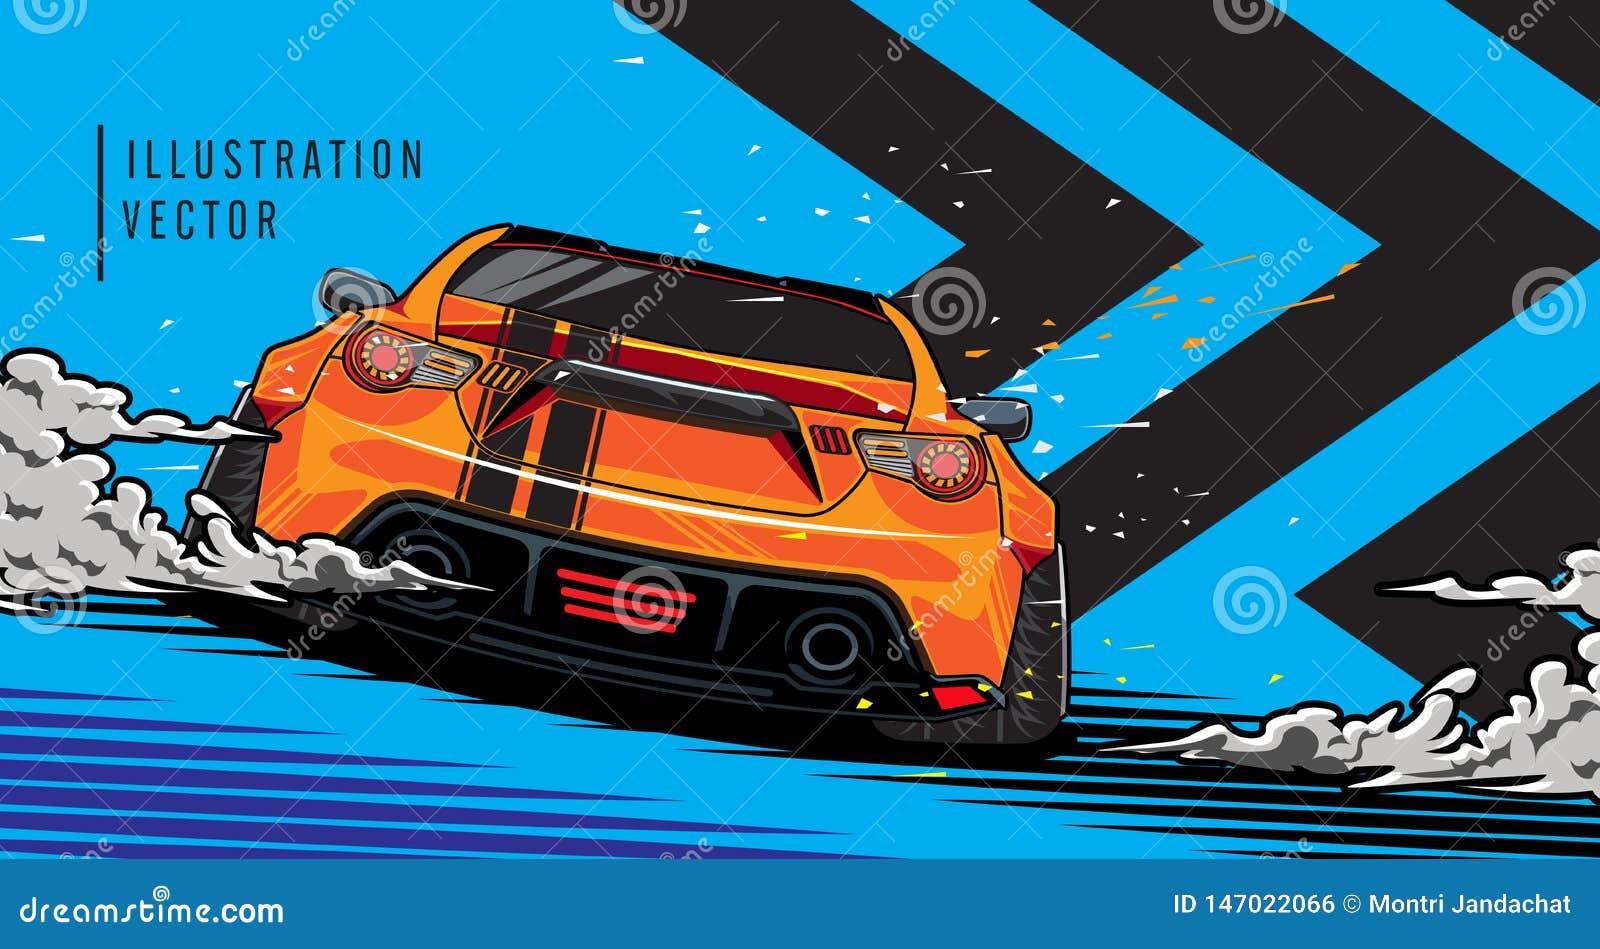 Sportwagen op de weg Het moderne en snelle voertuig rennen Super grafisch ontwerpconcept luxeauto Vector illustratie